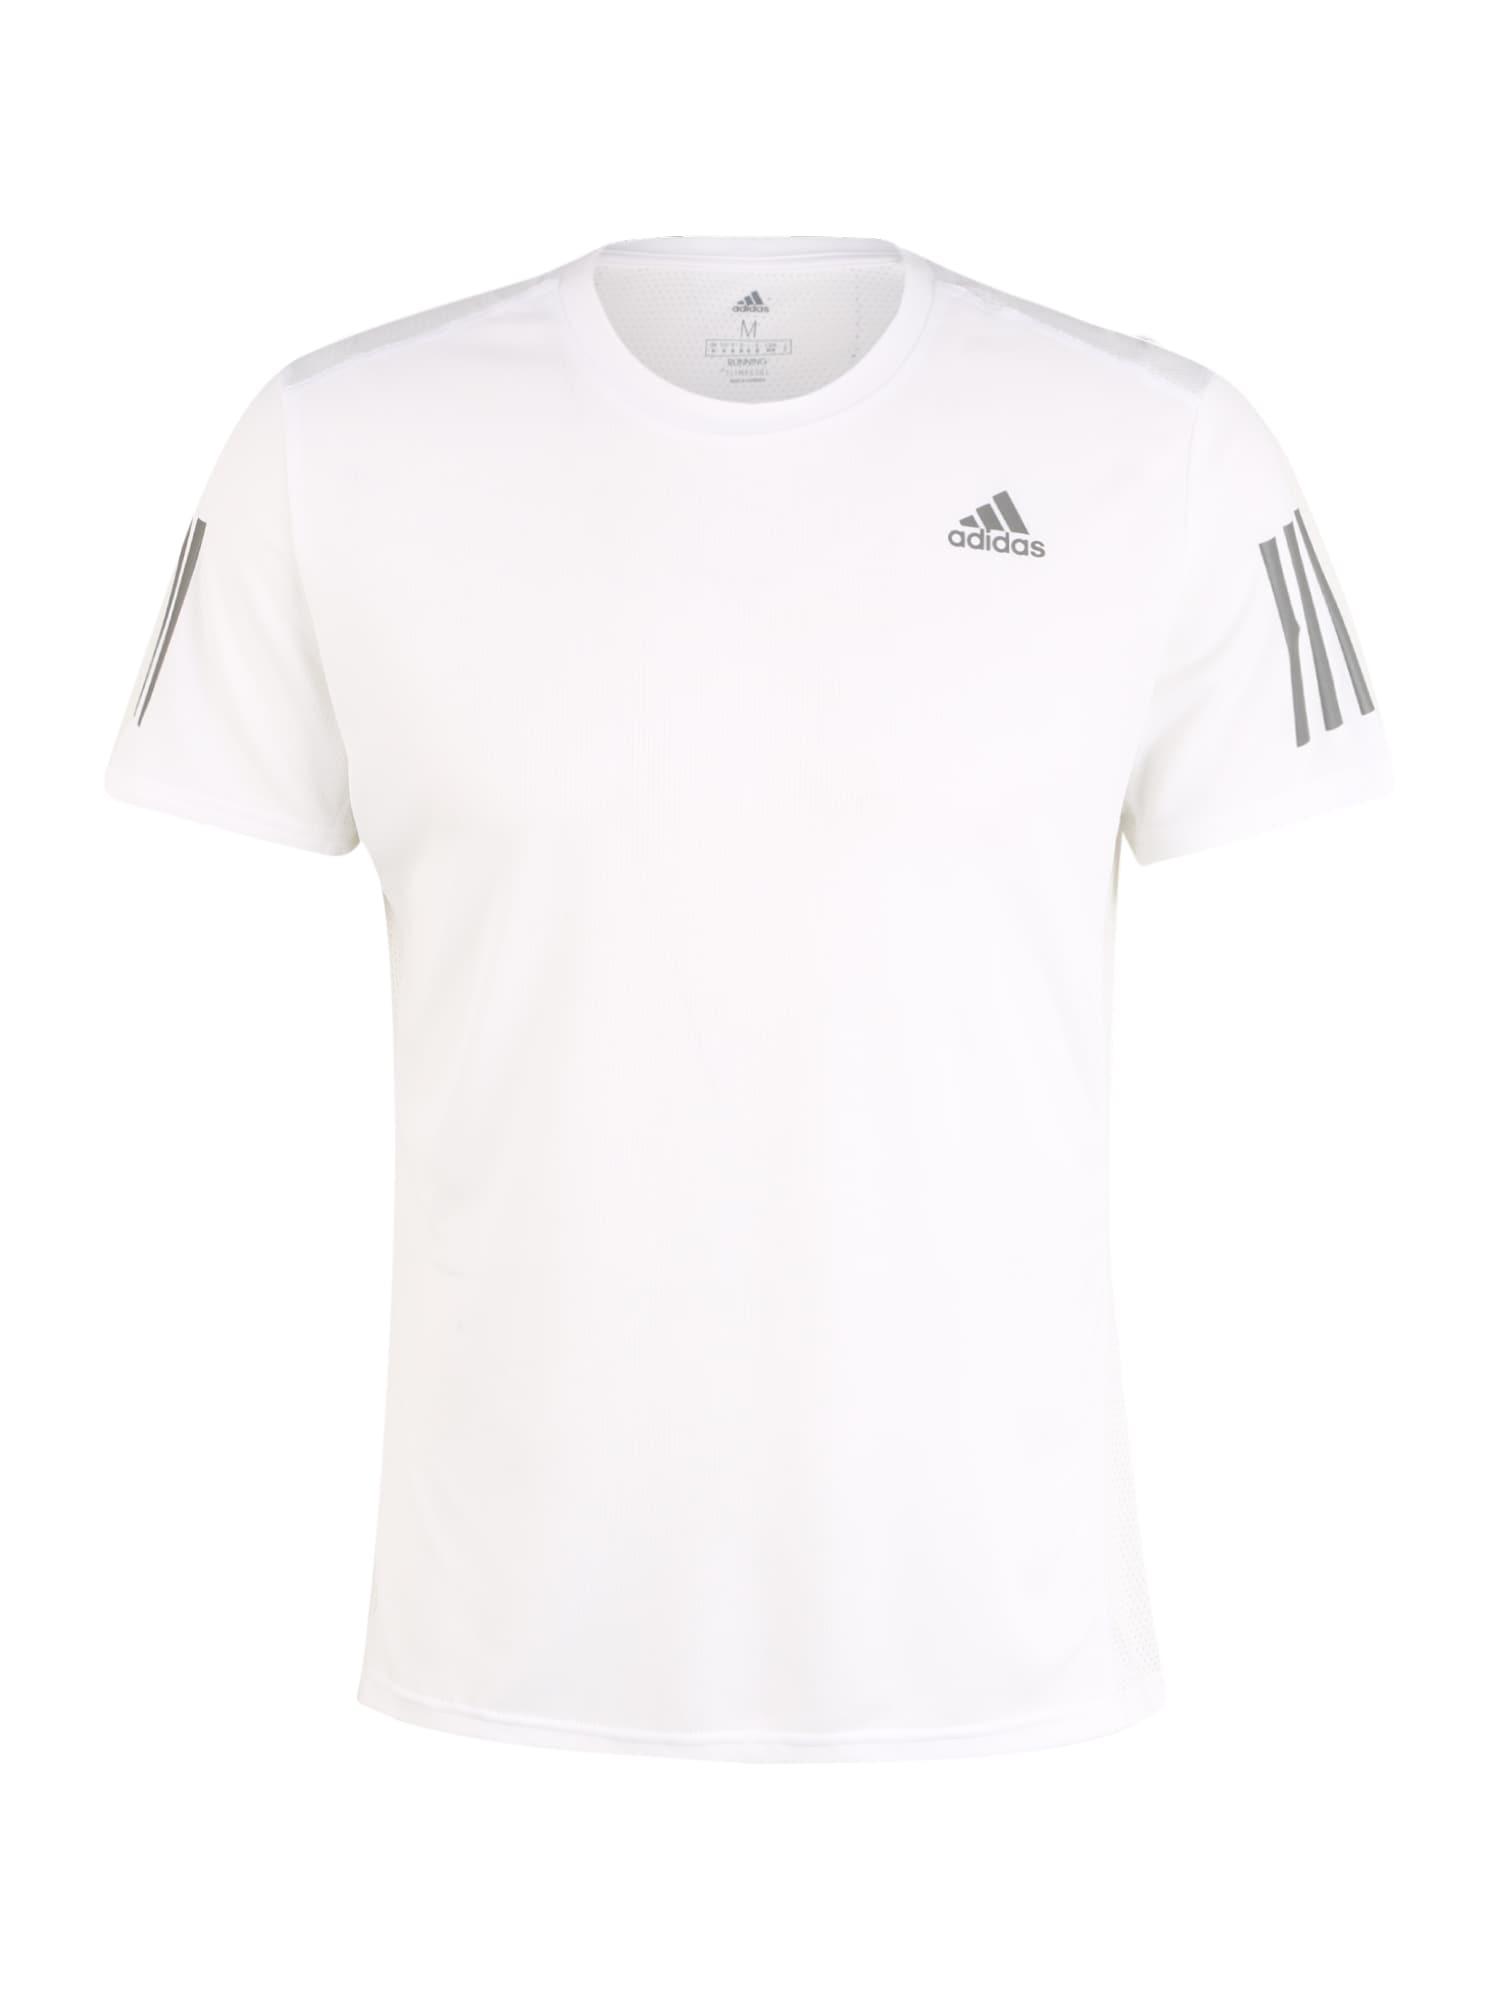 ADIDAS PERFORMANCE Sportiniai marškinėliai balta / tamsiai pilka